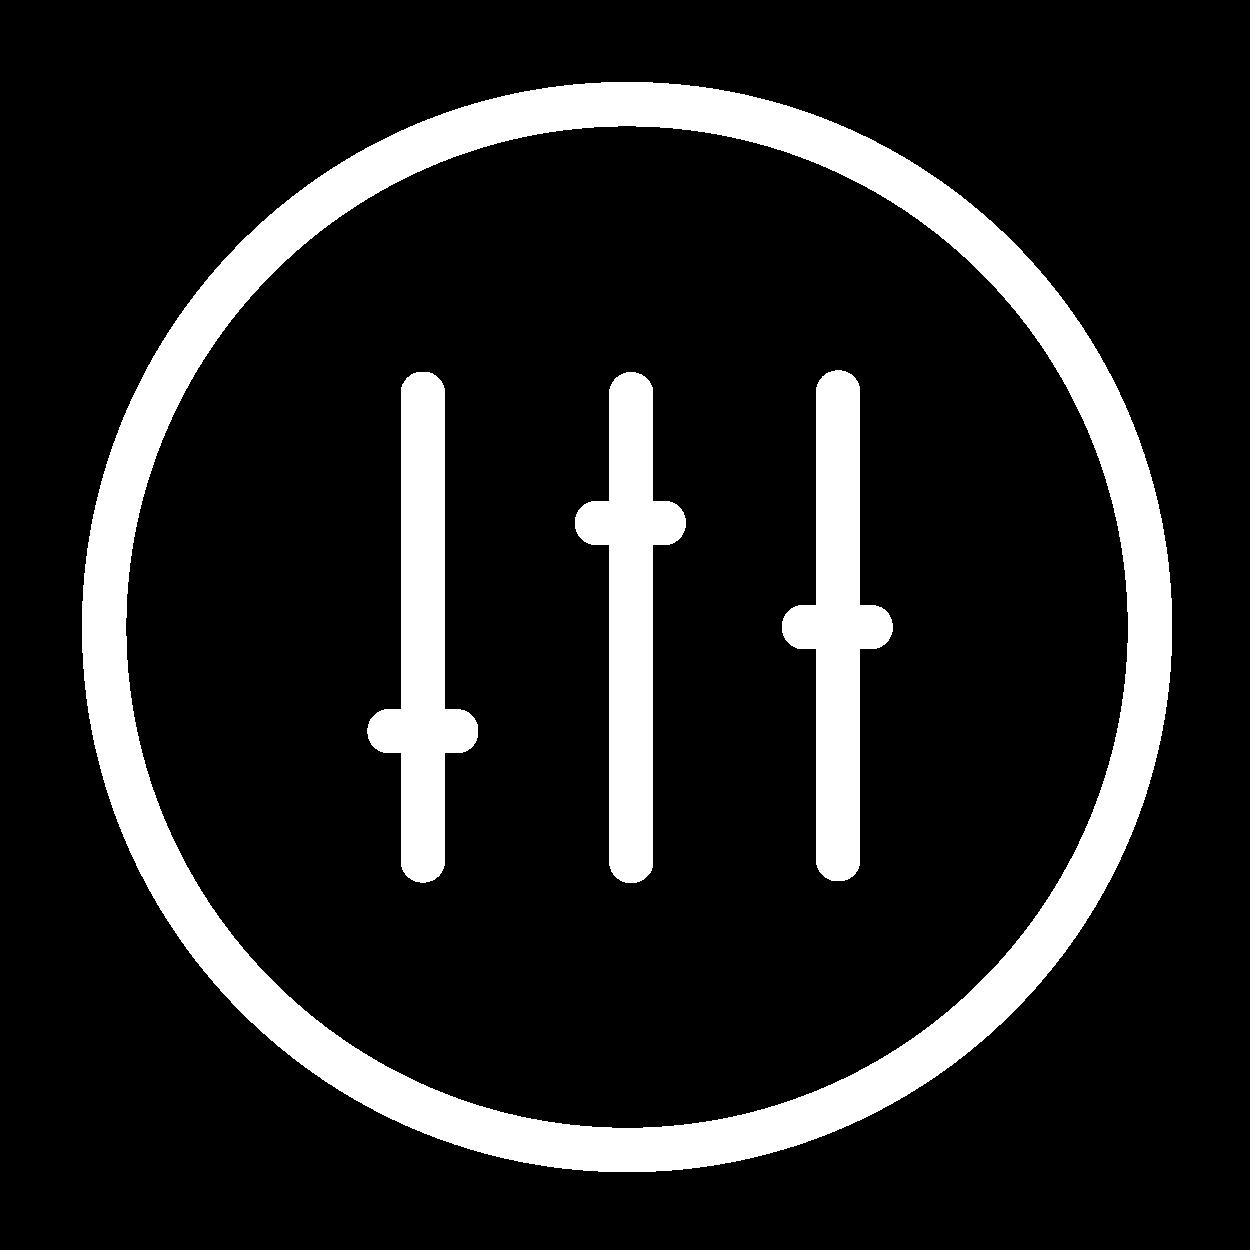 icone parametrização